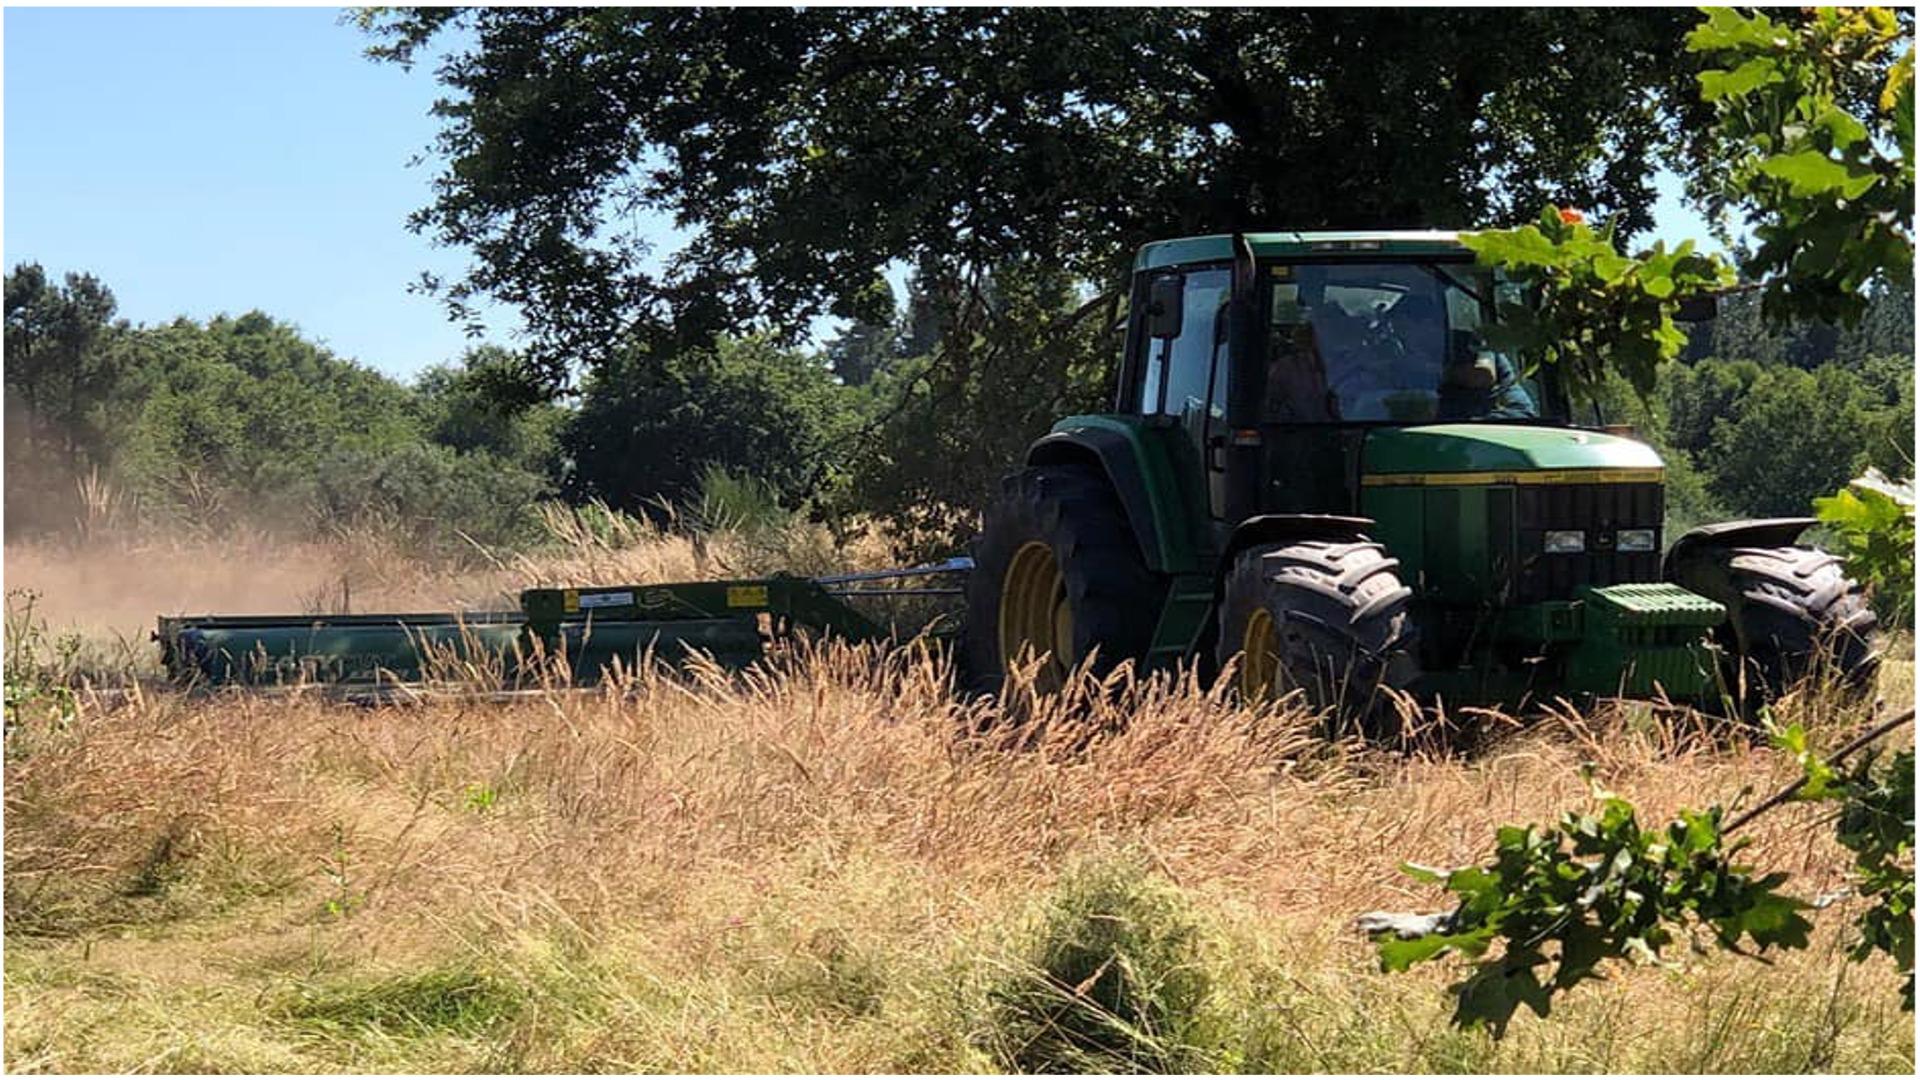 1440 euros de multa a un padre por dejar que su hijo menor condujera un tractor1920